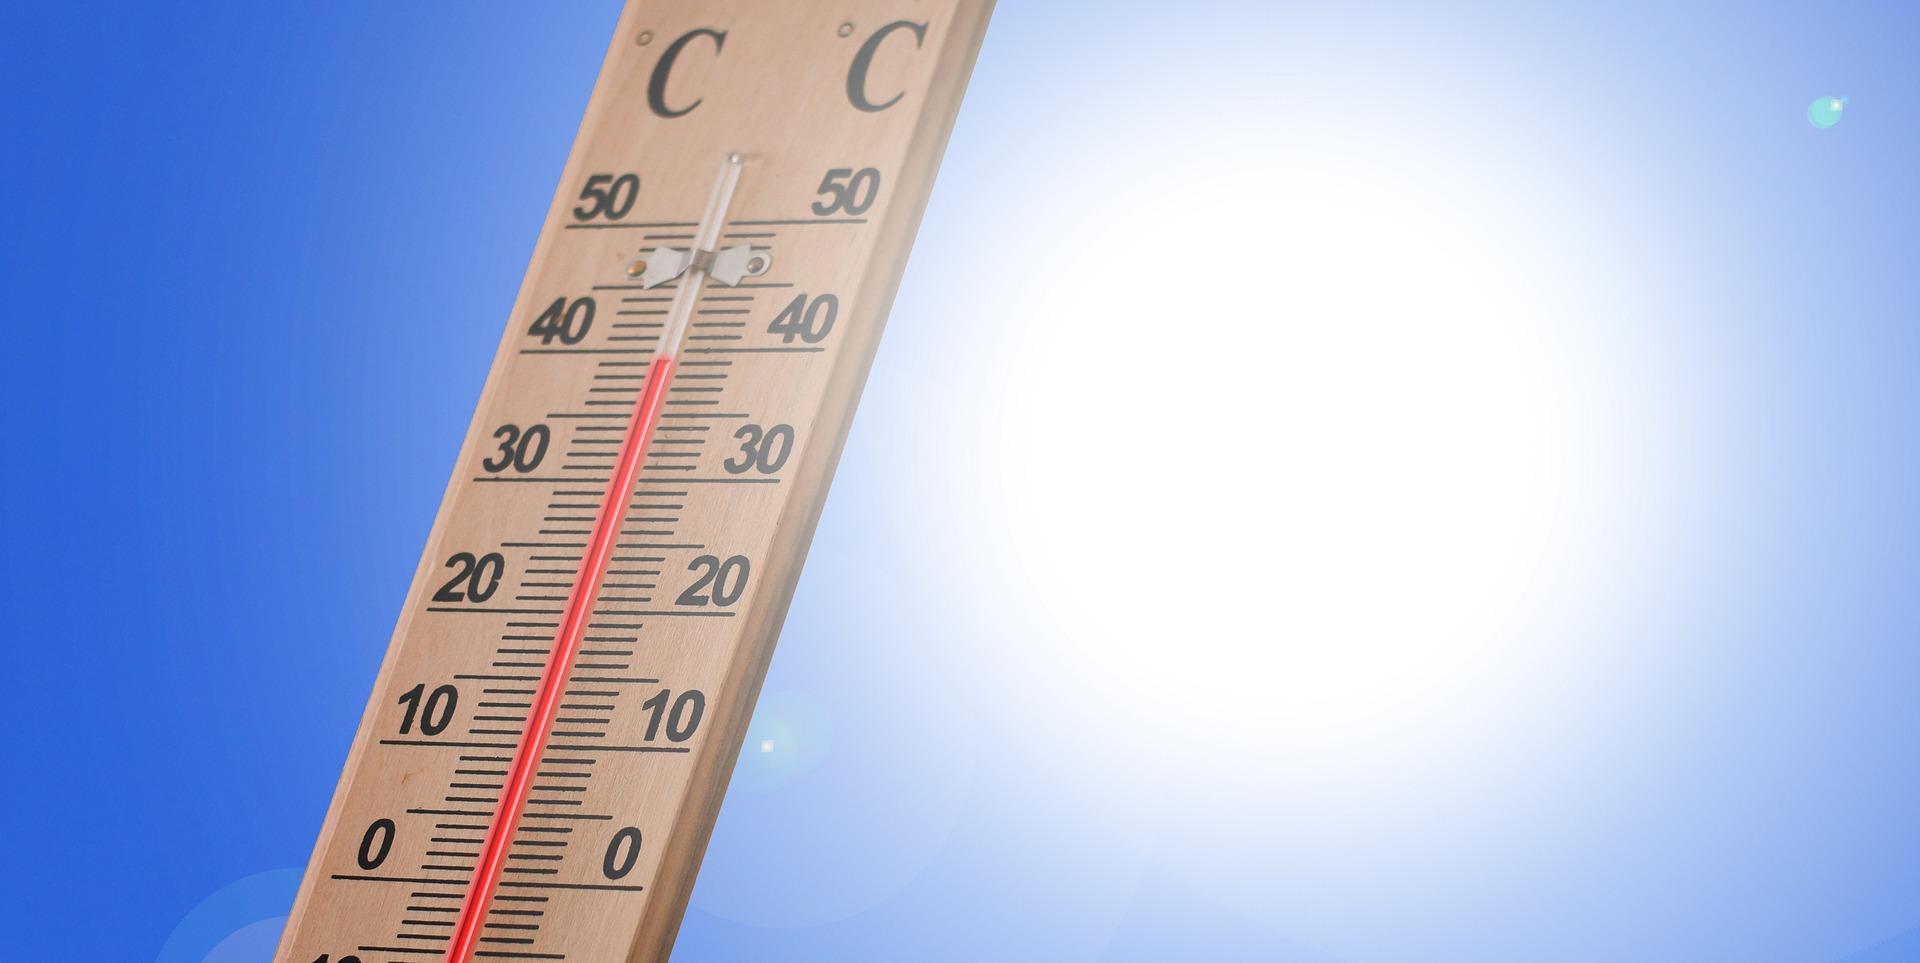 Le mercure va flirter demain avec les 40° C  en Normandie - Photo Gerd Altmann de Pixabay